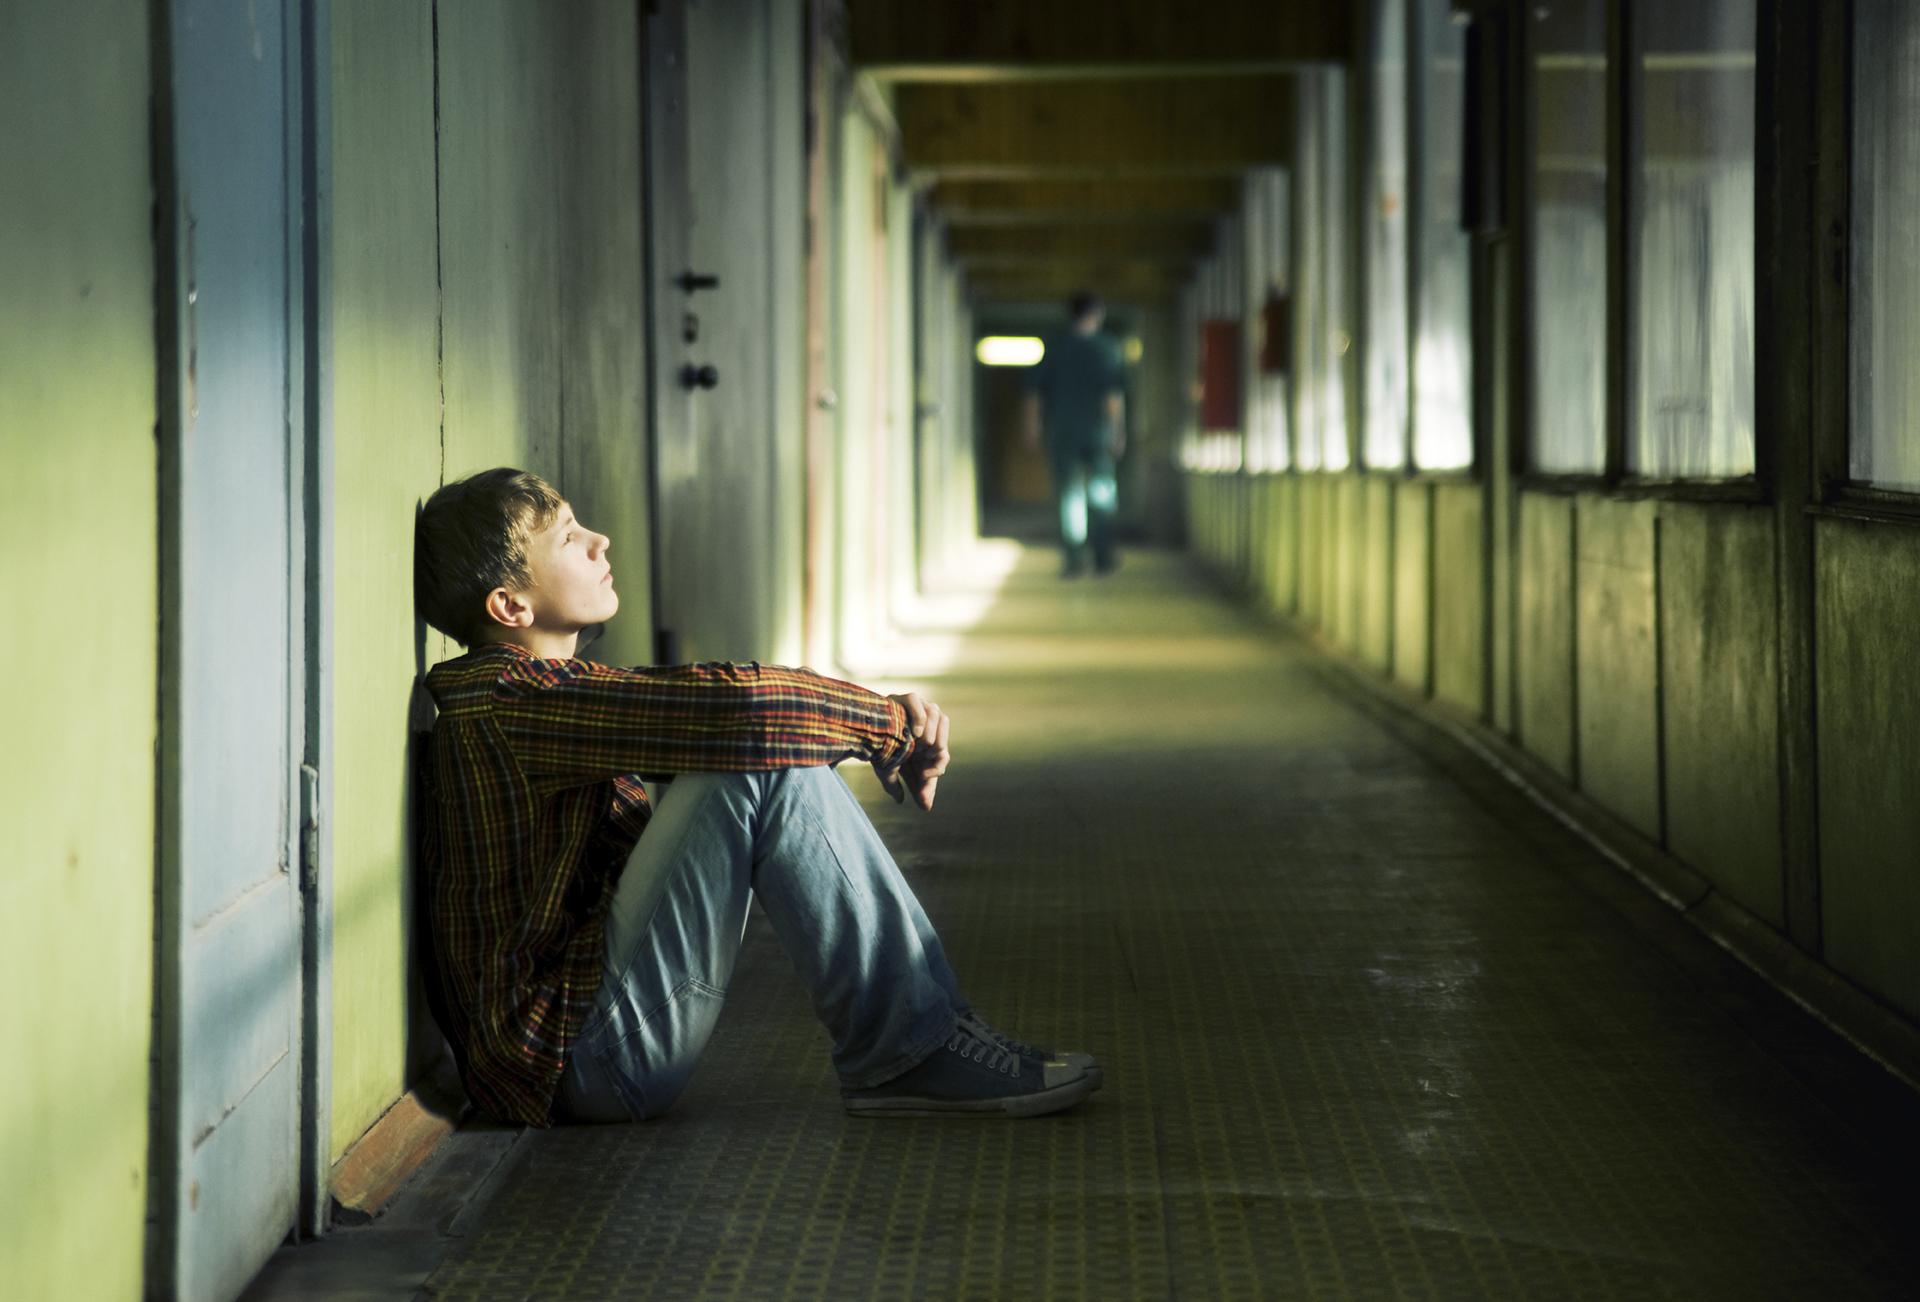 Мой сын не хочет жить: Жизнь с подростком, страдающим от депрессии